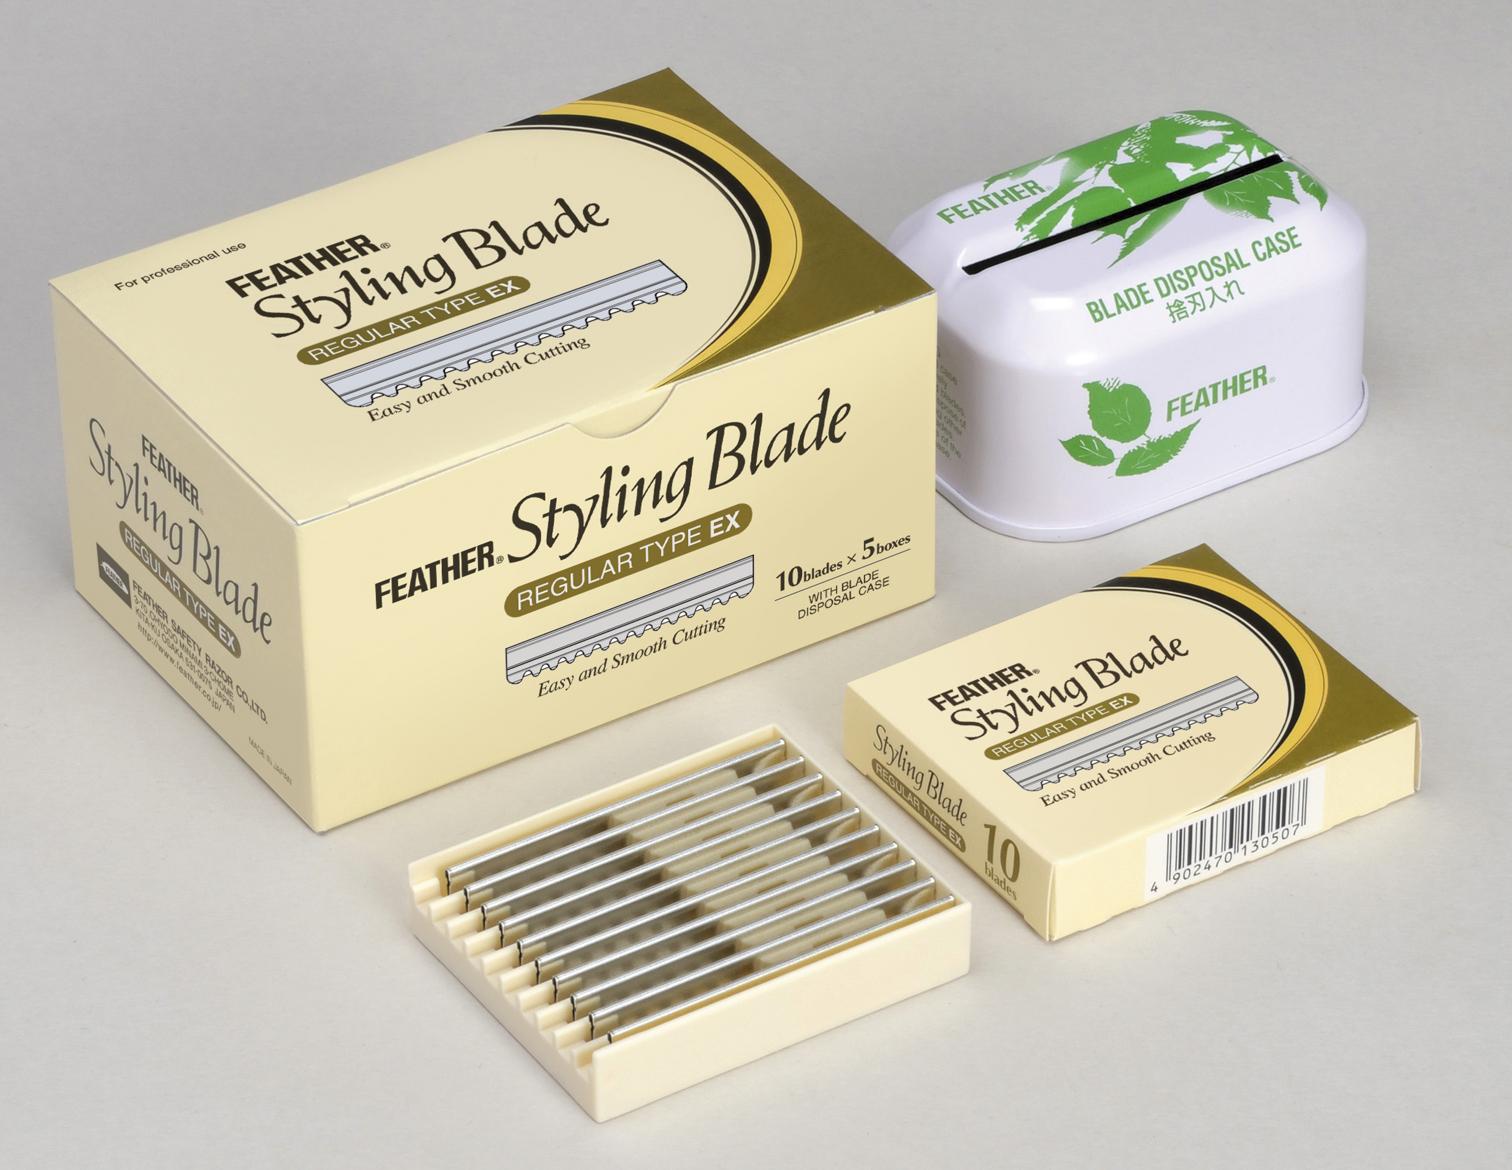 Feather набор лезвий для стрижки 5 диспенсеров и бокс для отработки лезвийGESS-131Специальные лезвия дляфилировочных бритв для стрижки волос. Благодаря тонкому наклонному срезу, который дает бритва, концы волос отлично падают по форме стрижки, создается красивая текстура.Используются при работе с бритвамидля стрижки волос серииStyling Razor.